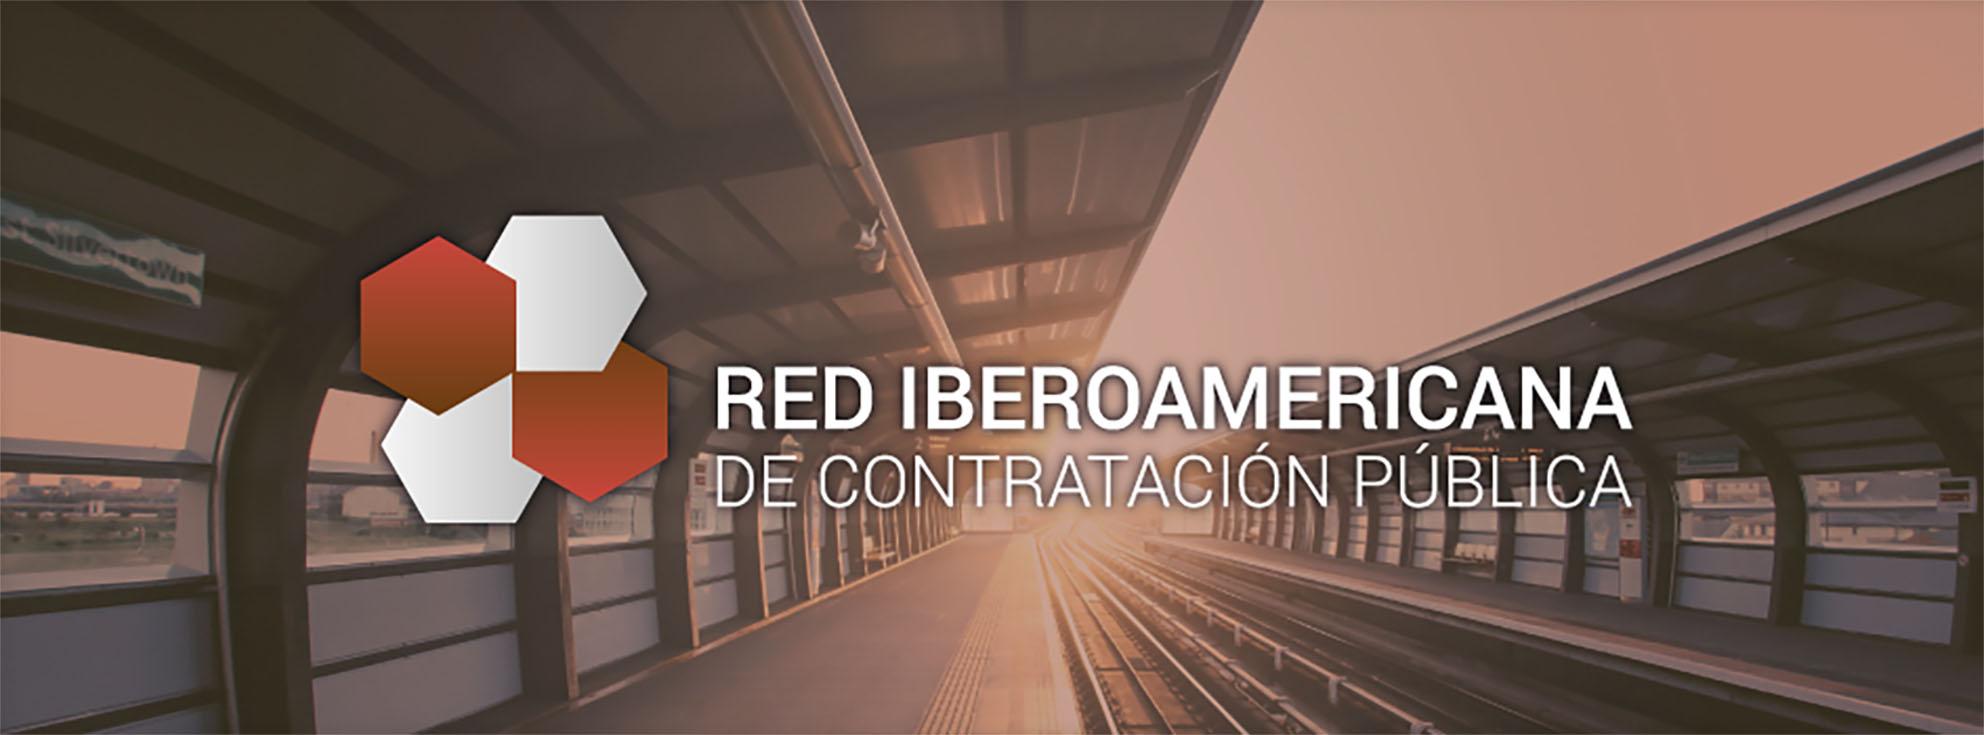 Logo deluxe Redicop